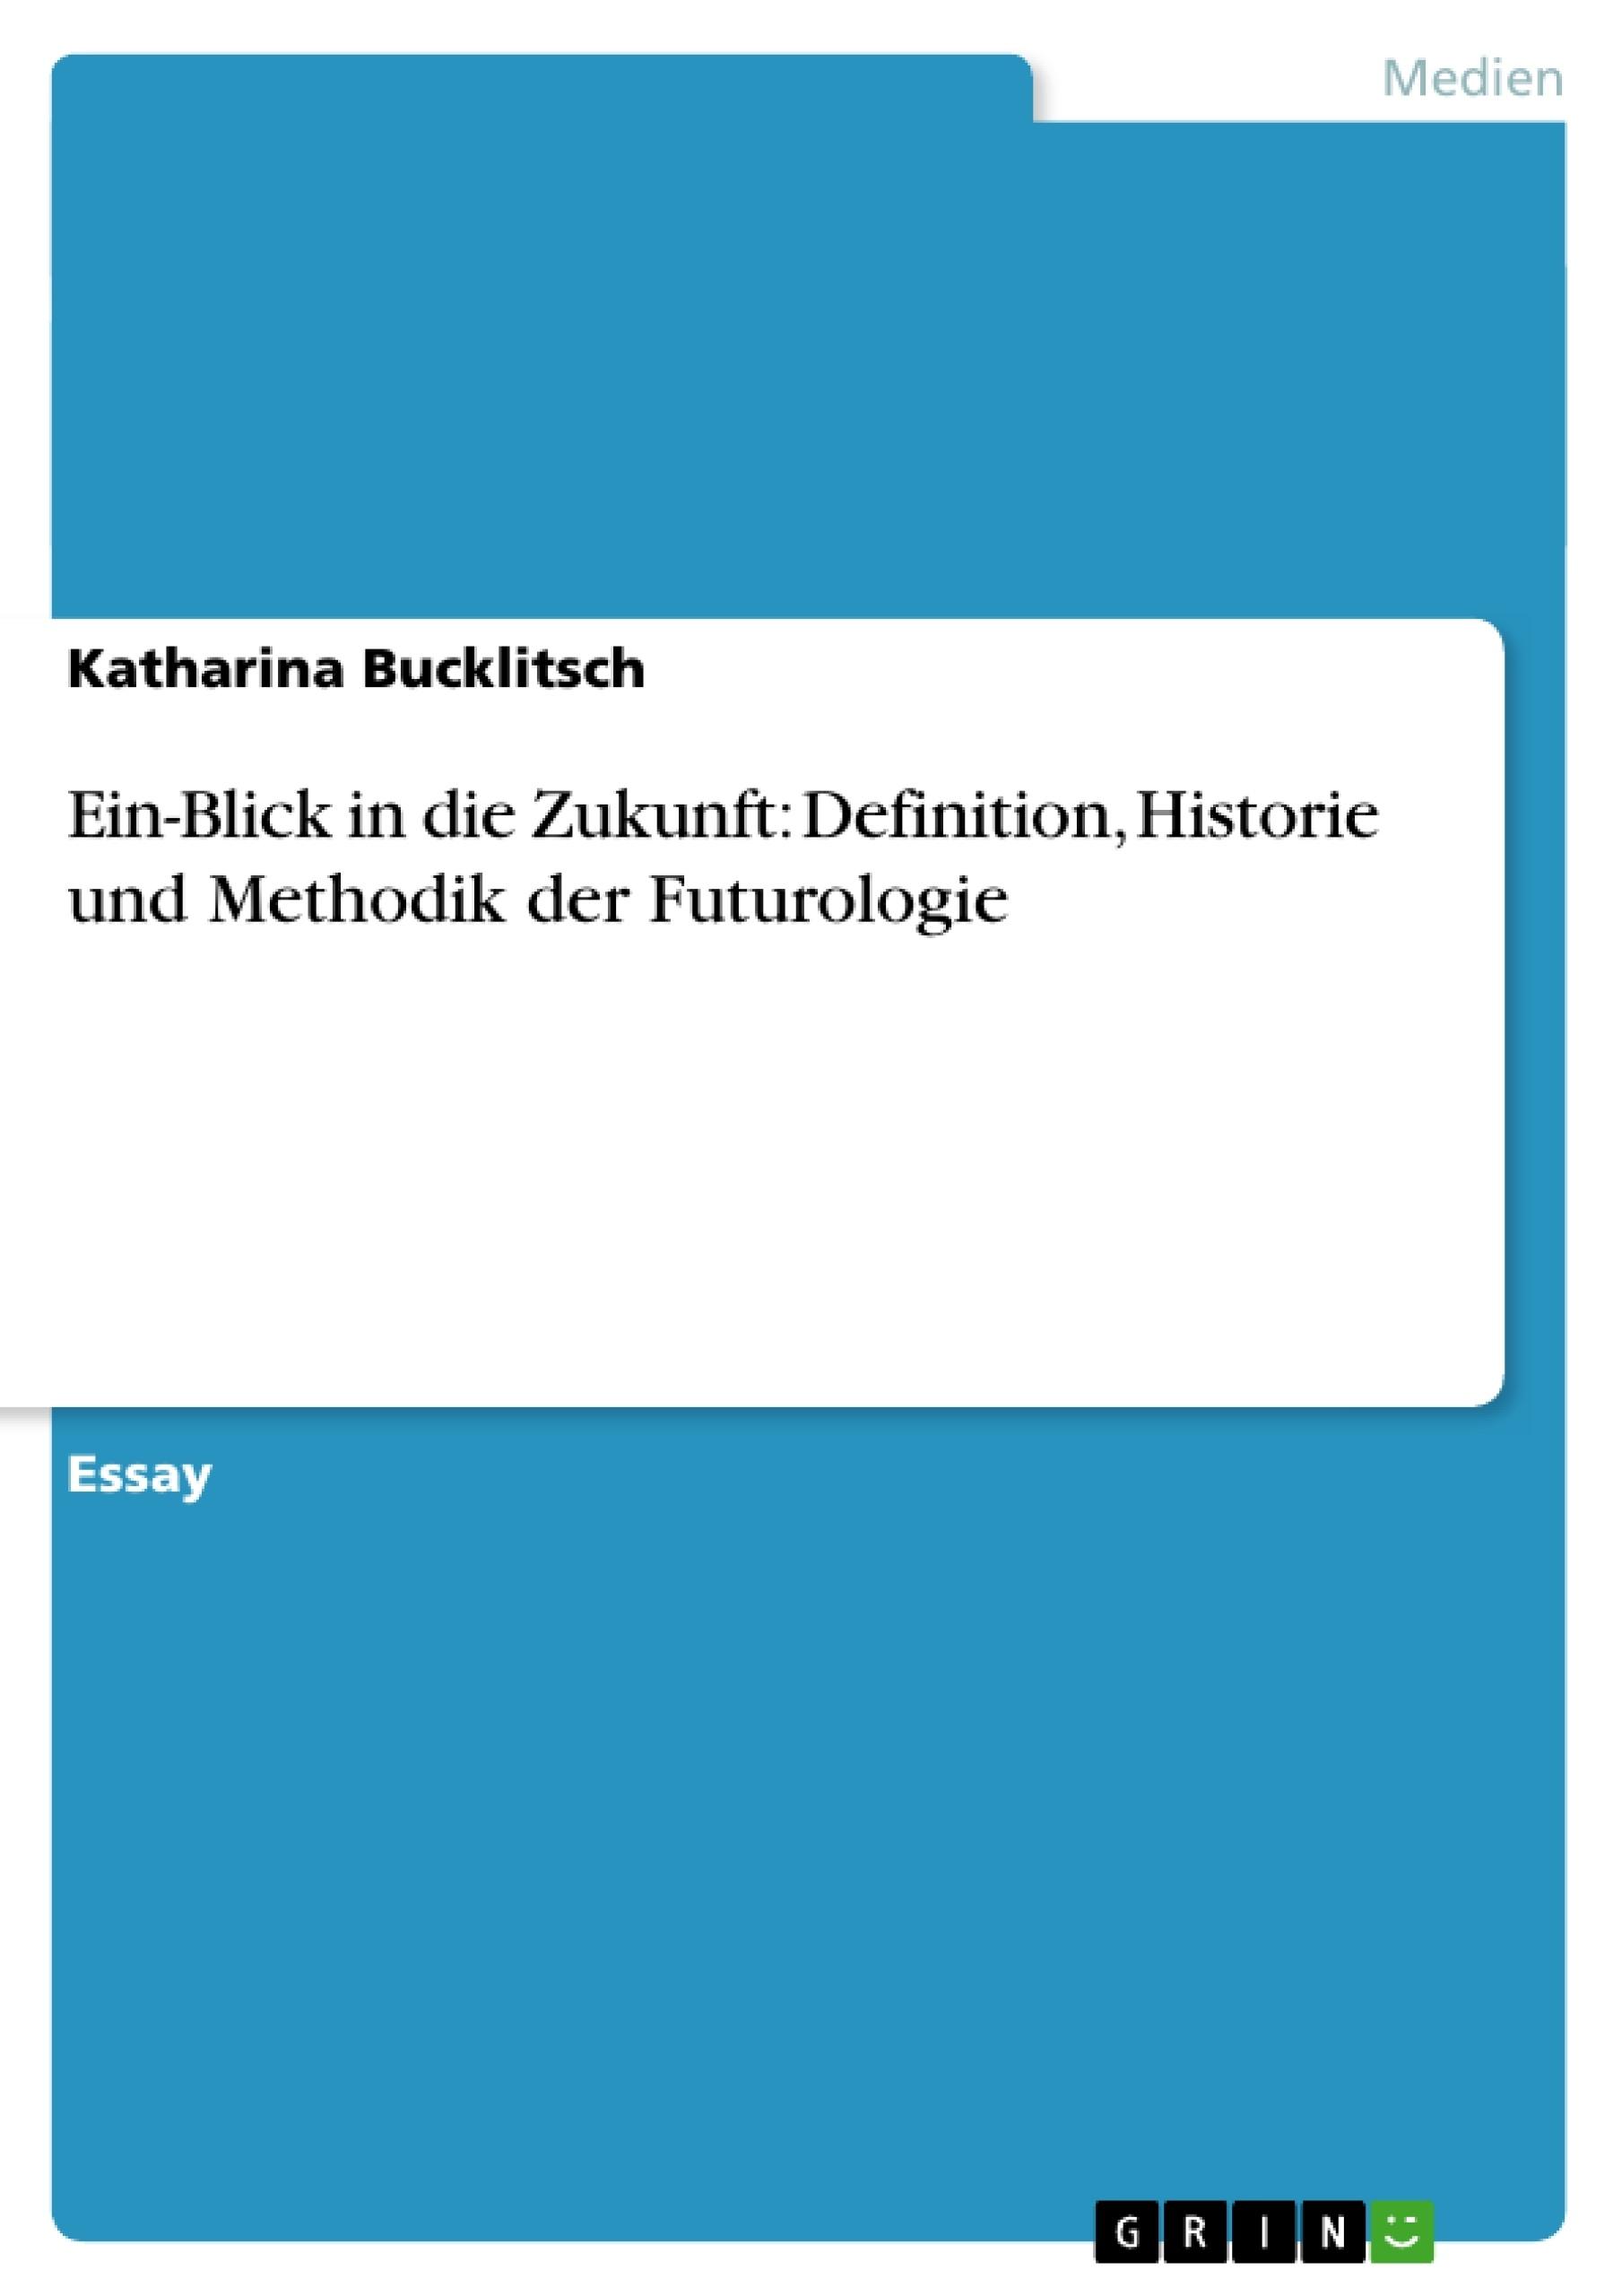 Titel: Ein-Blick in die Zukunft: Definition, Historie und Methodik der Futurologie